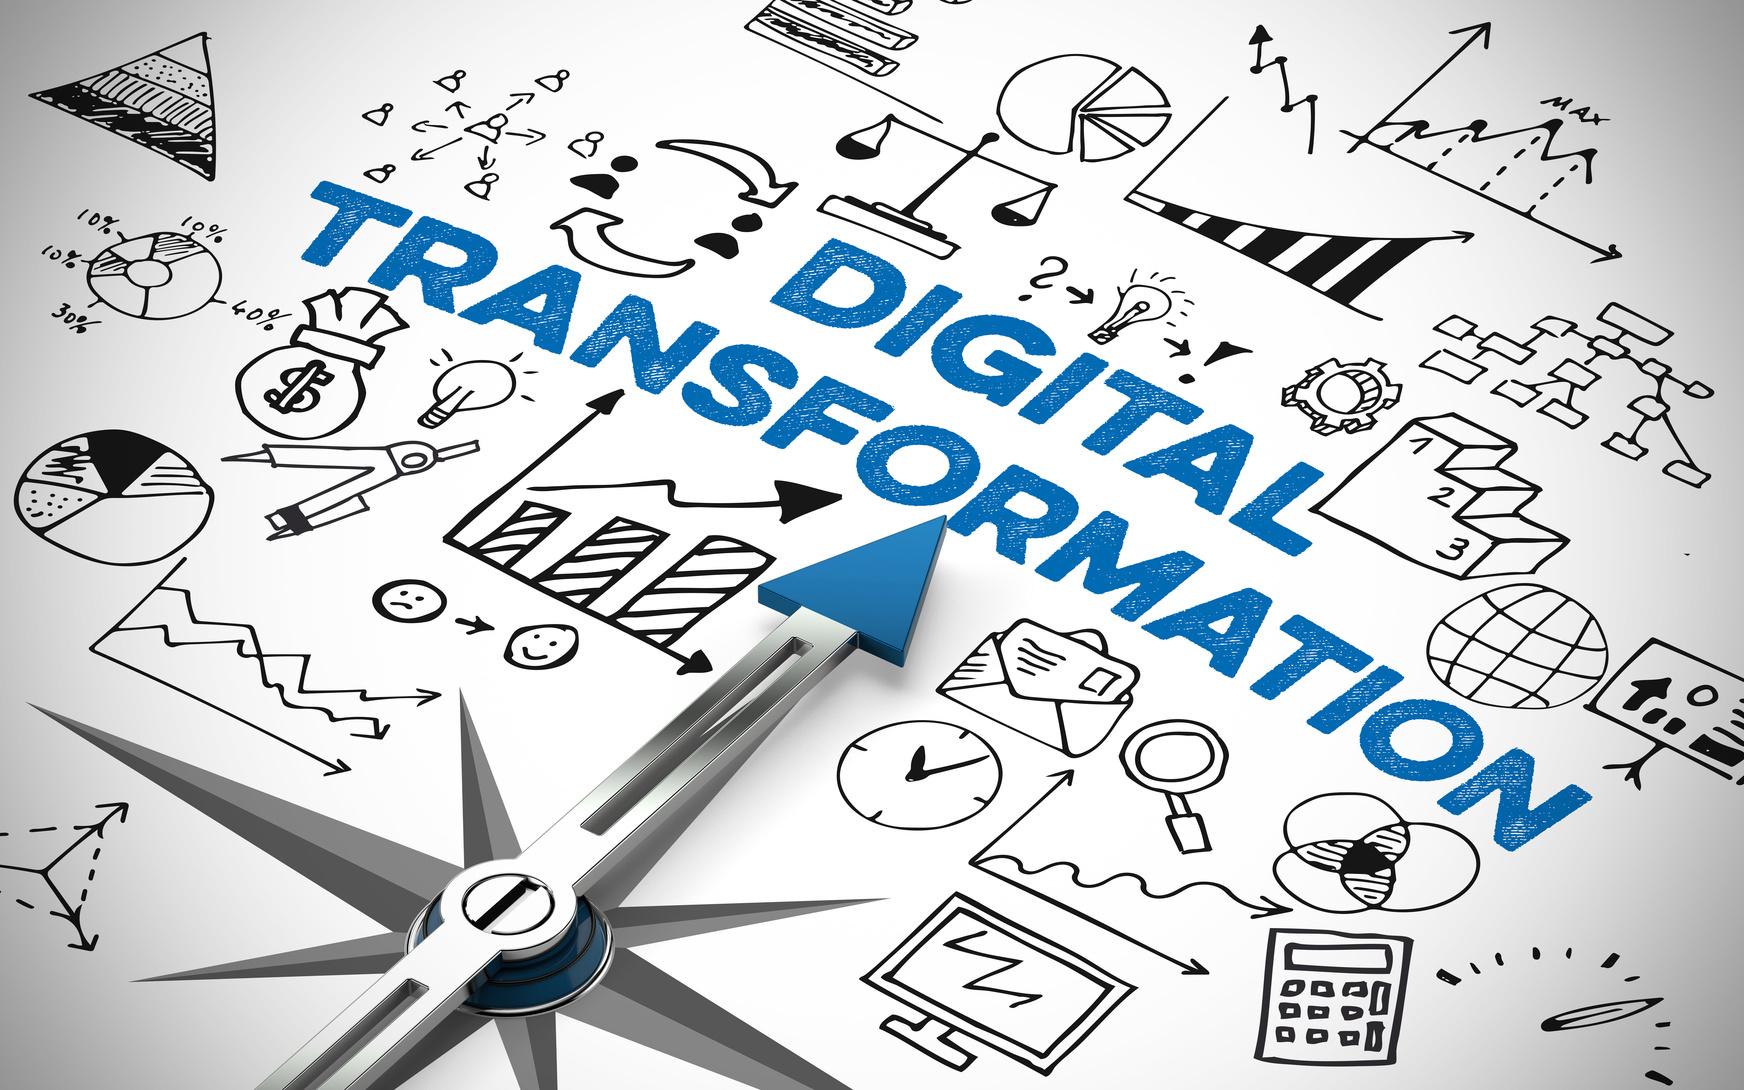 Digital Business Transformation als Konzept auf einem Kompass mit vielen Symbolen